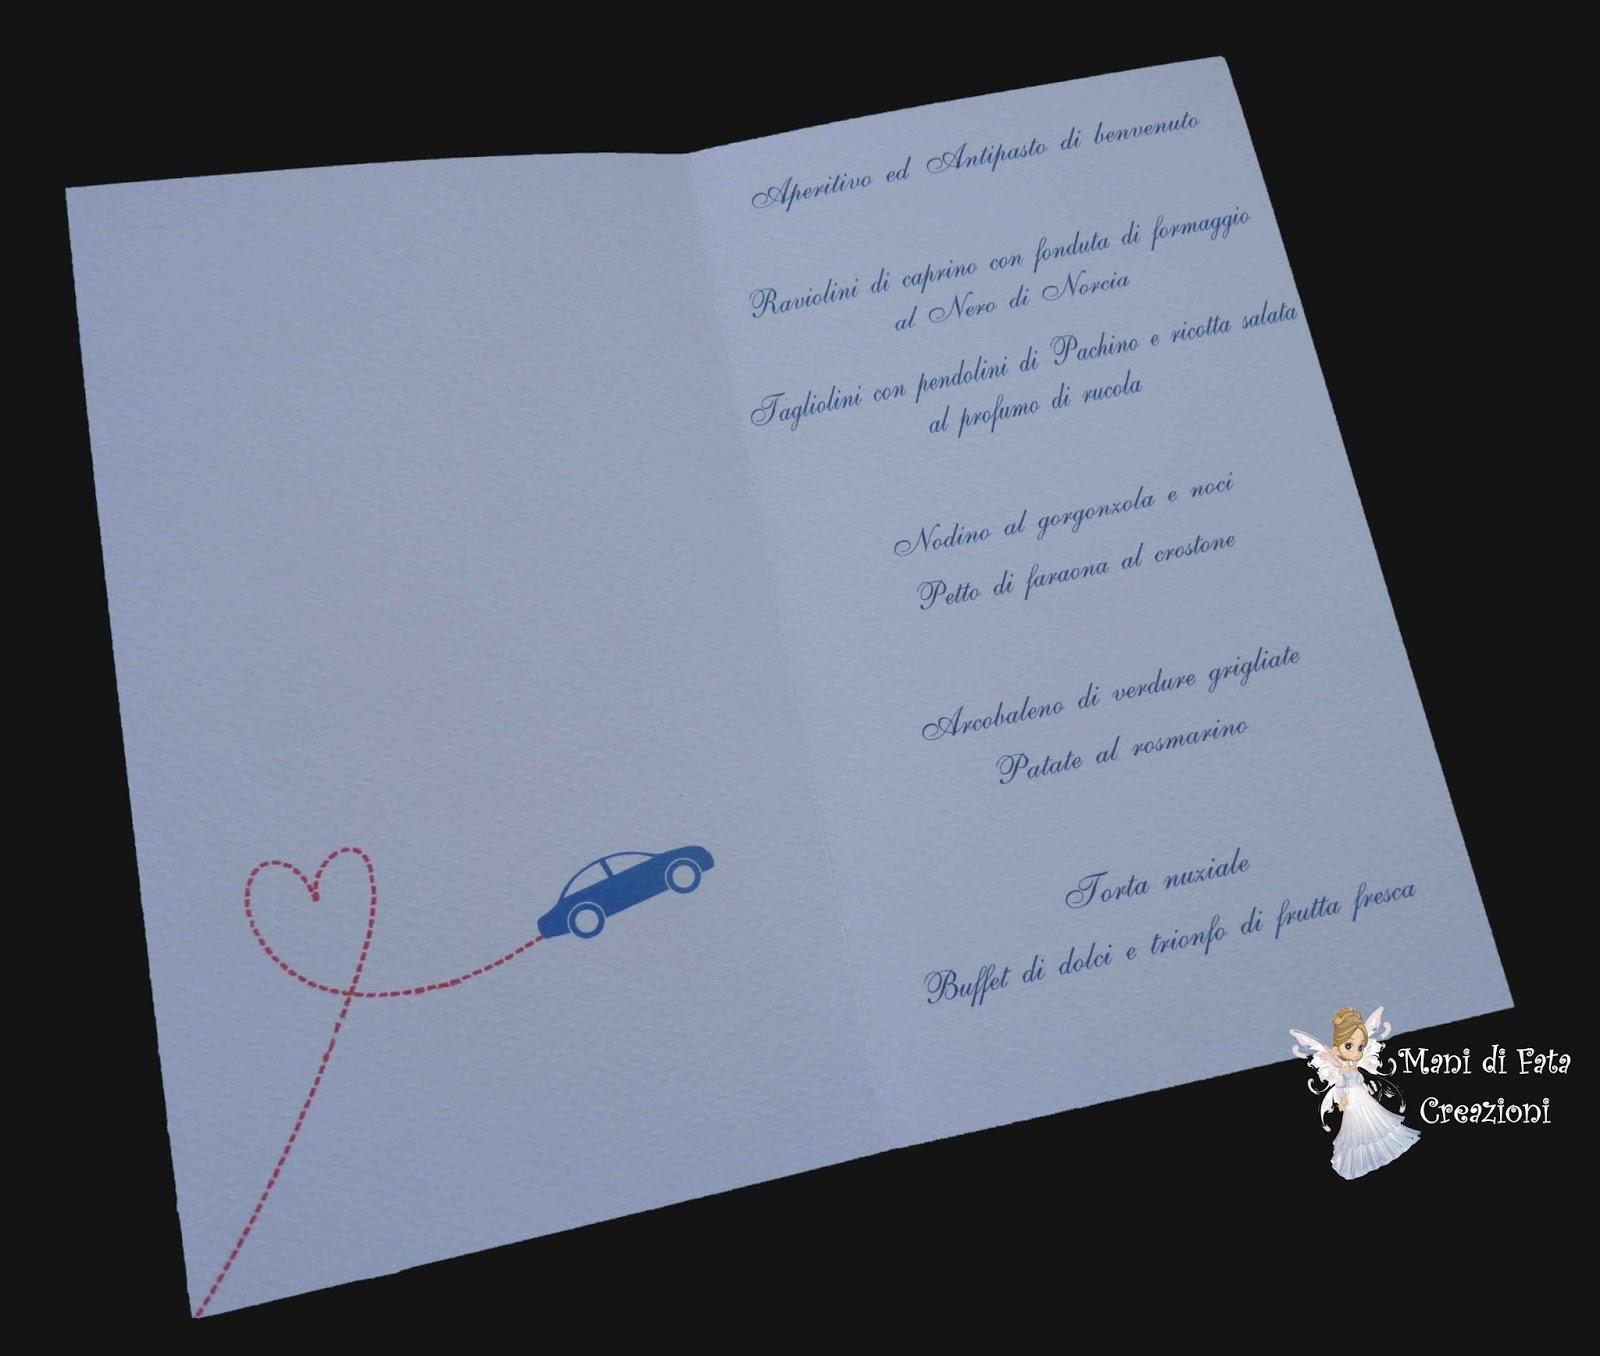 Auguri Matrimonio Tema Viaggio : Mani di fata creazioni menù matrimonio tema viaggio